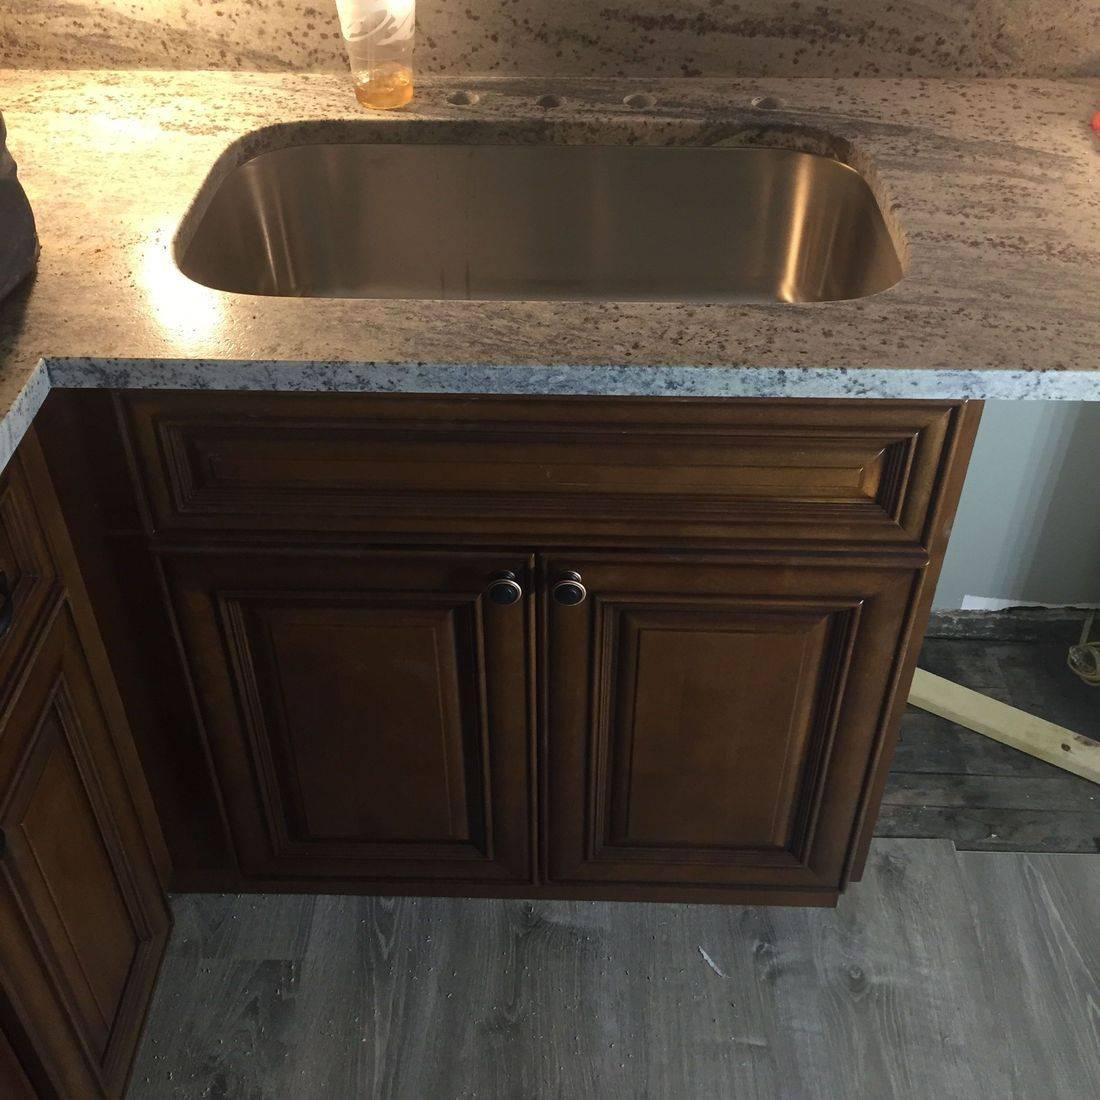 Total Kitchen Renovation